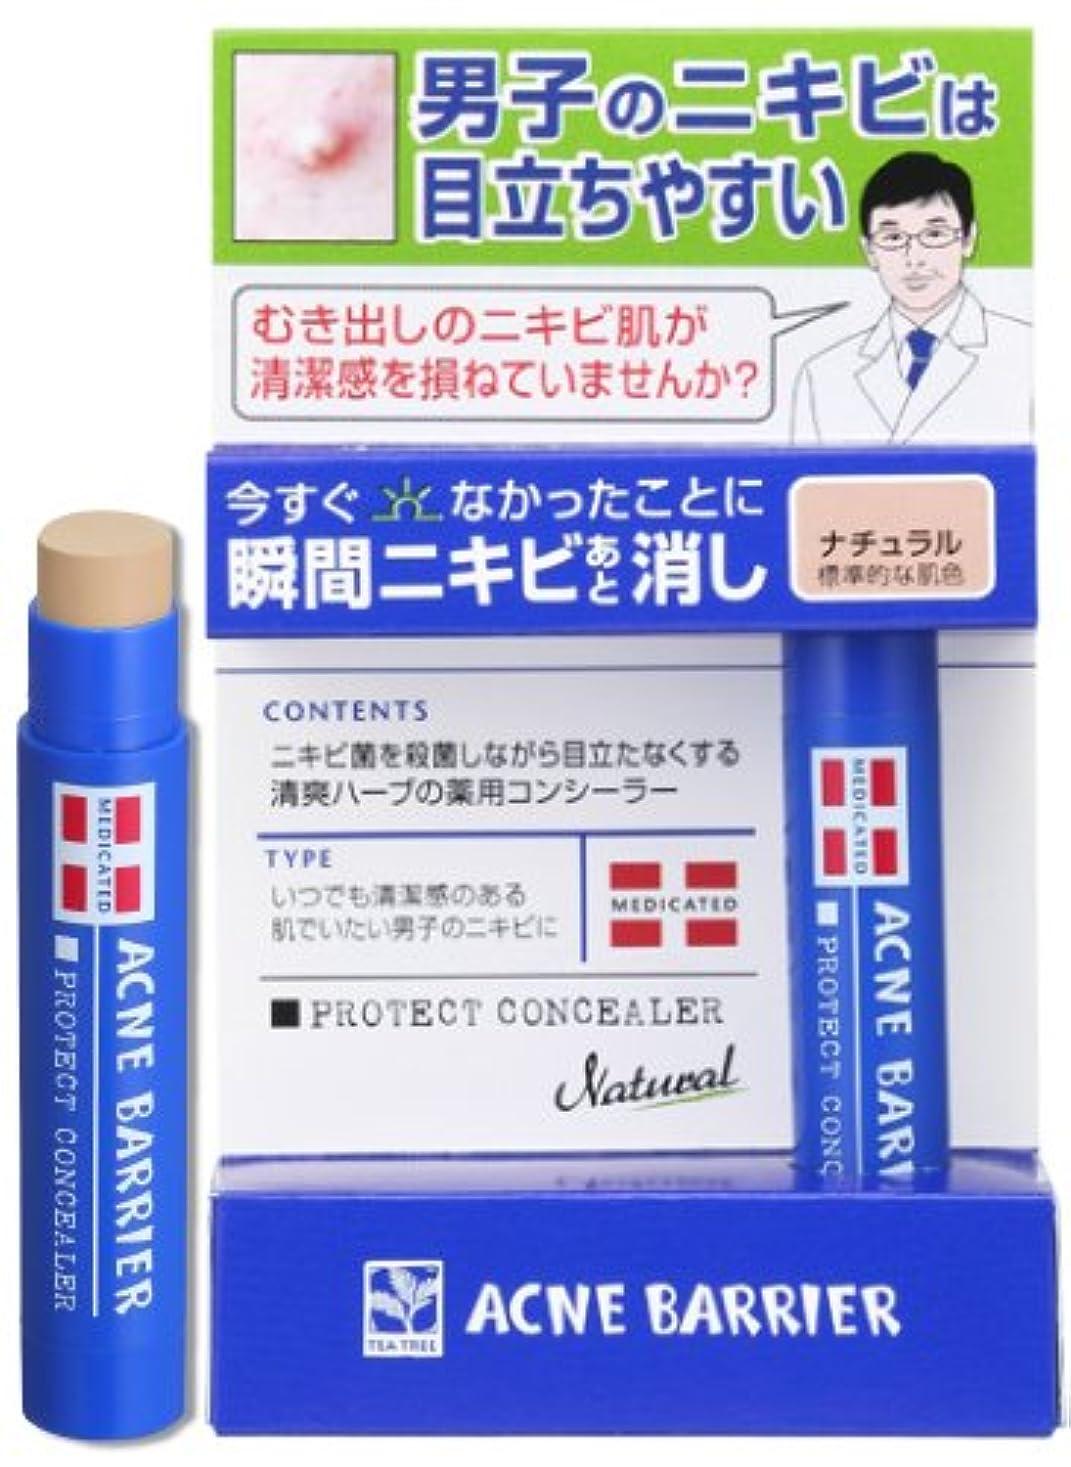 オーバーランアラート裂け目メンズアクネバリア 薬用コンシーラー ナチュラル 5g